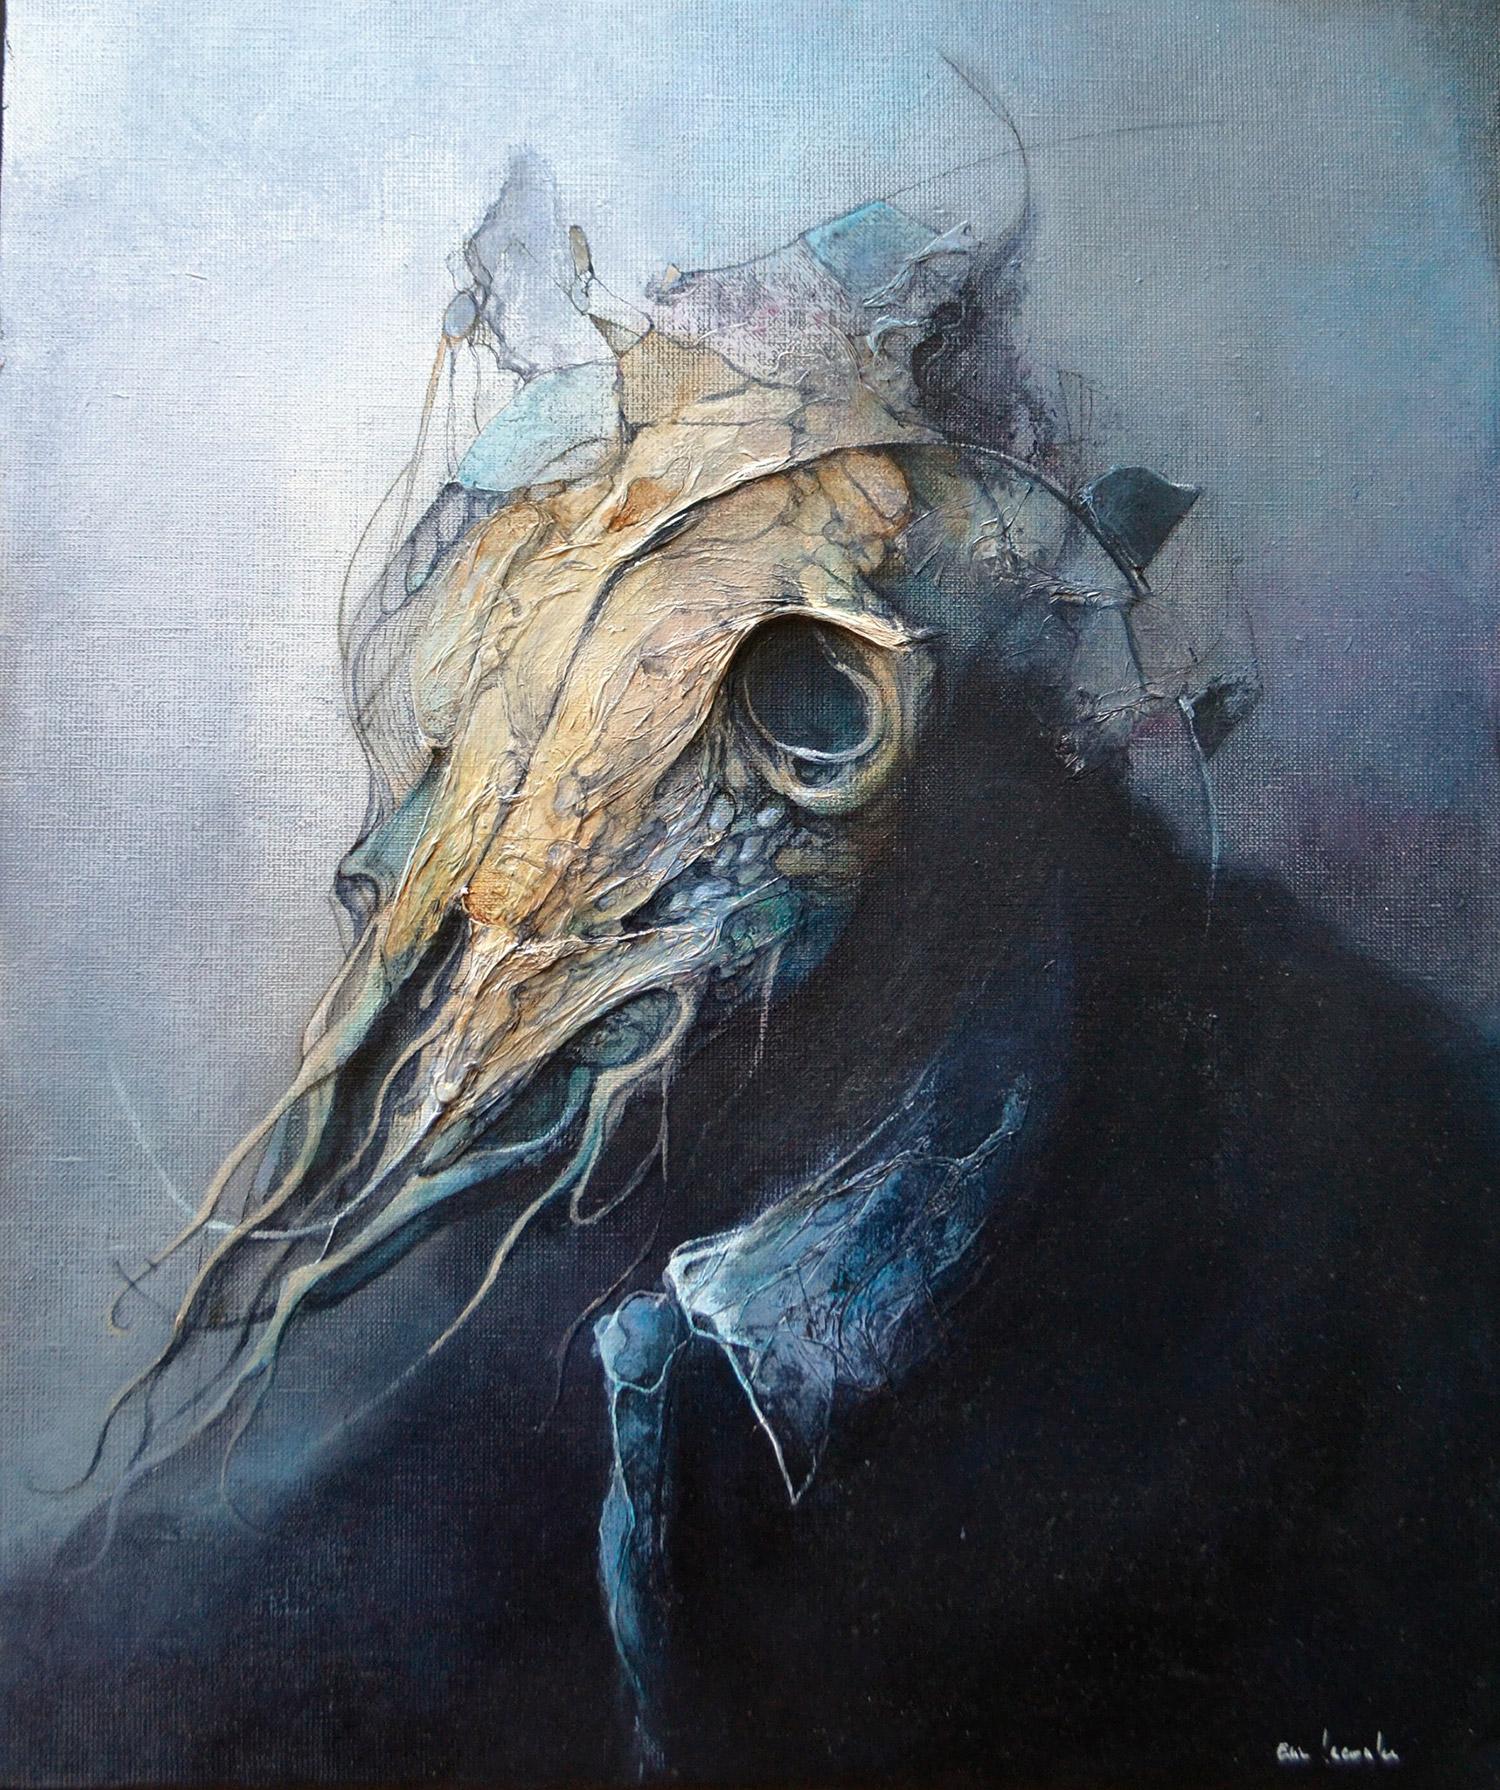 Eric Lacombe - skull-faced figure